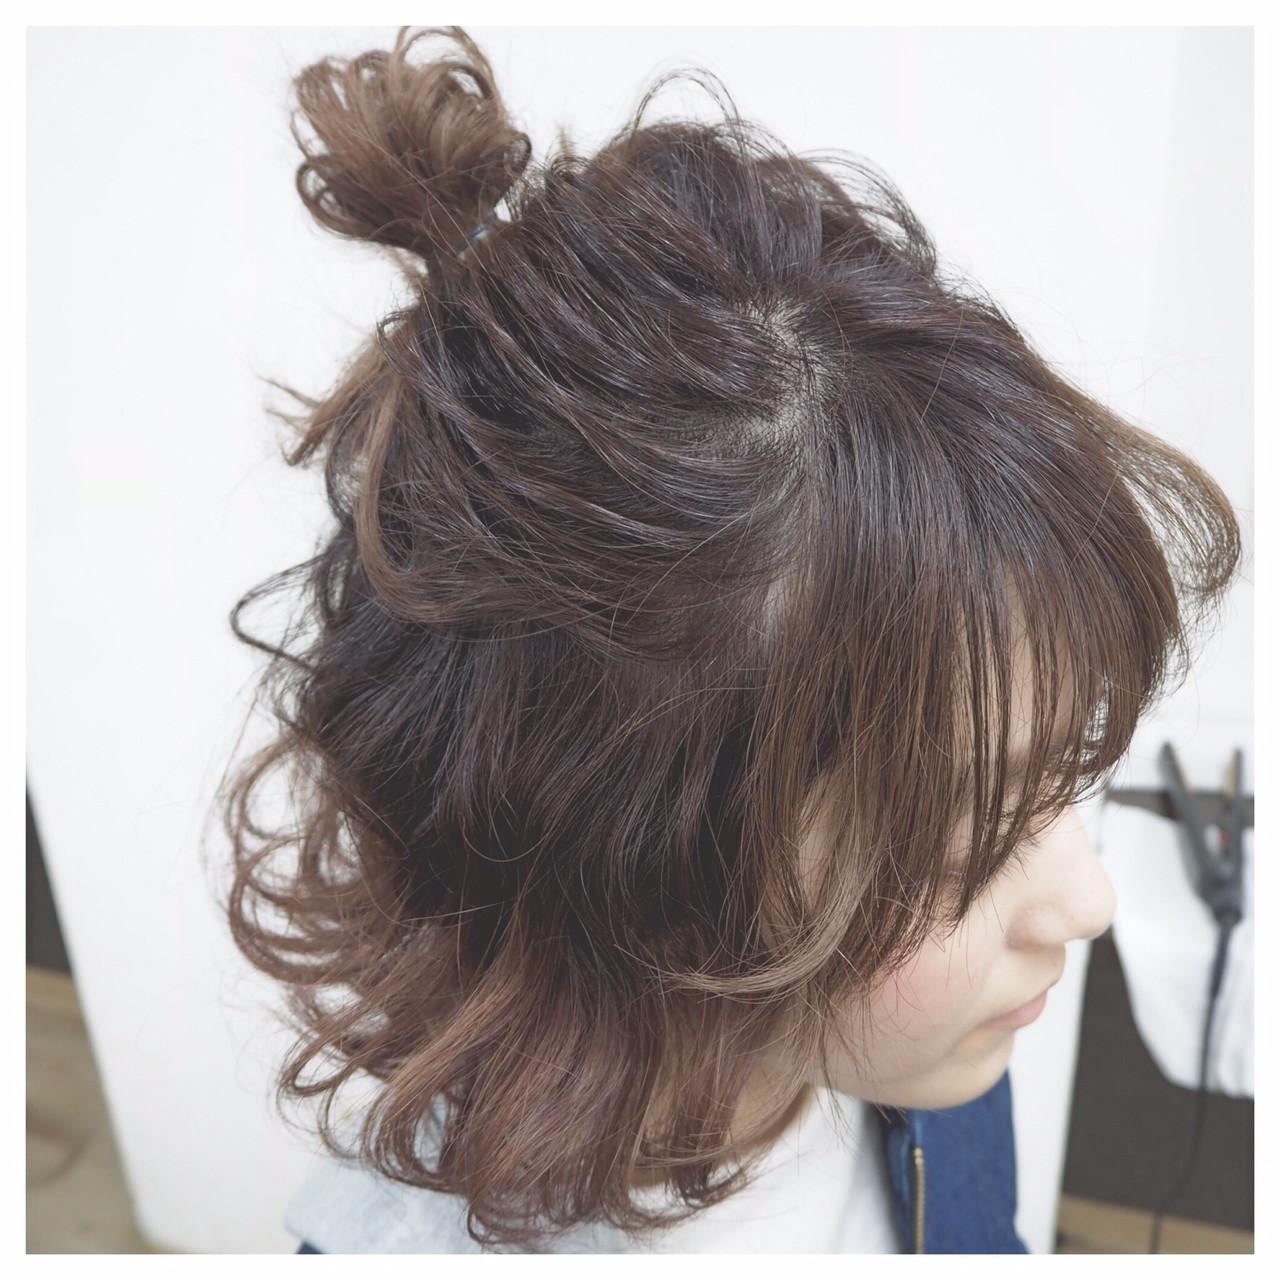 ヘアアレンジ ボブ ショート モテ髪 ヘアスタイルや髪型の写真・画像